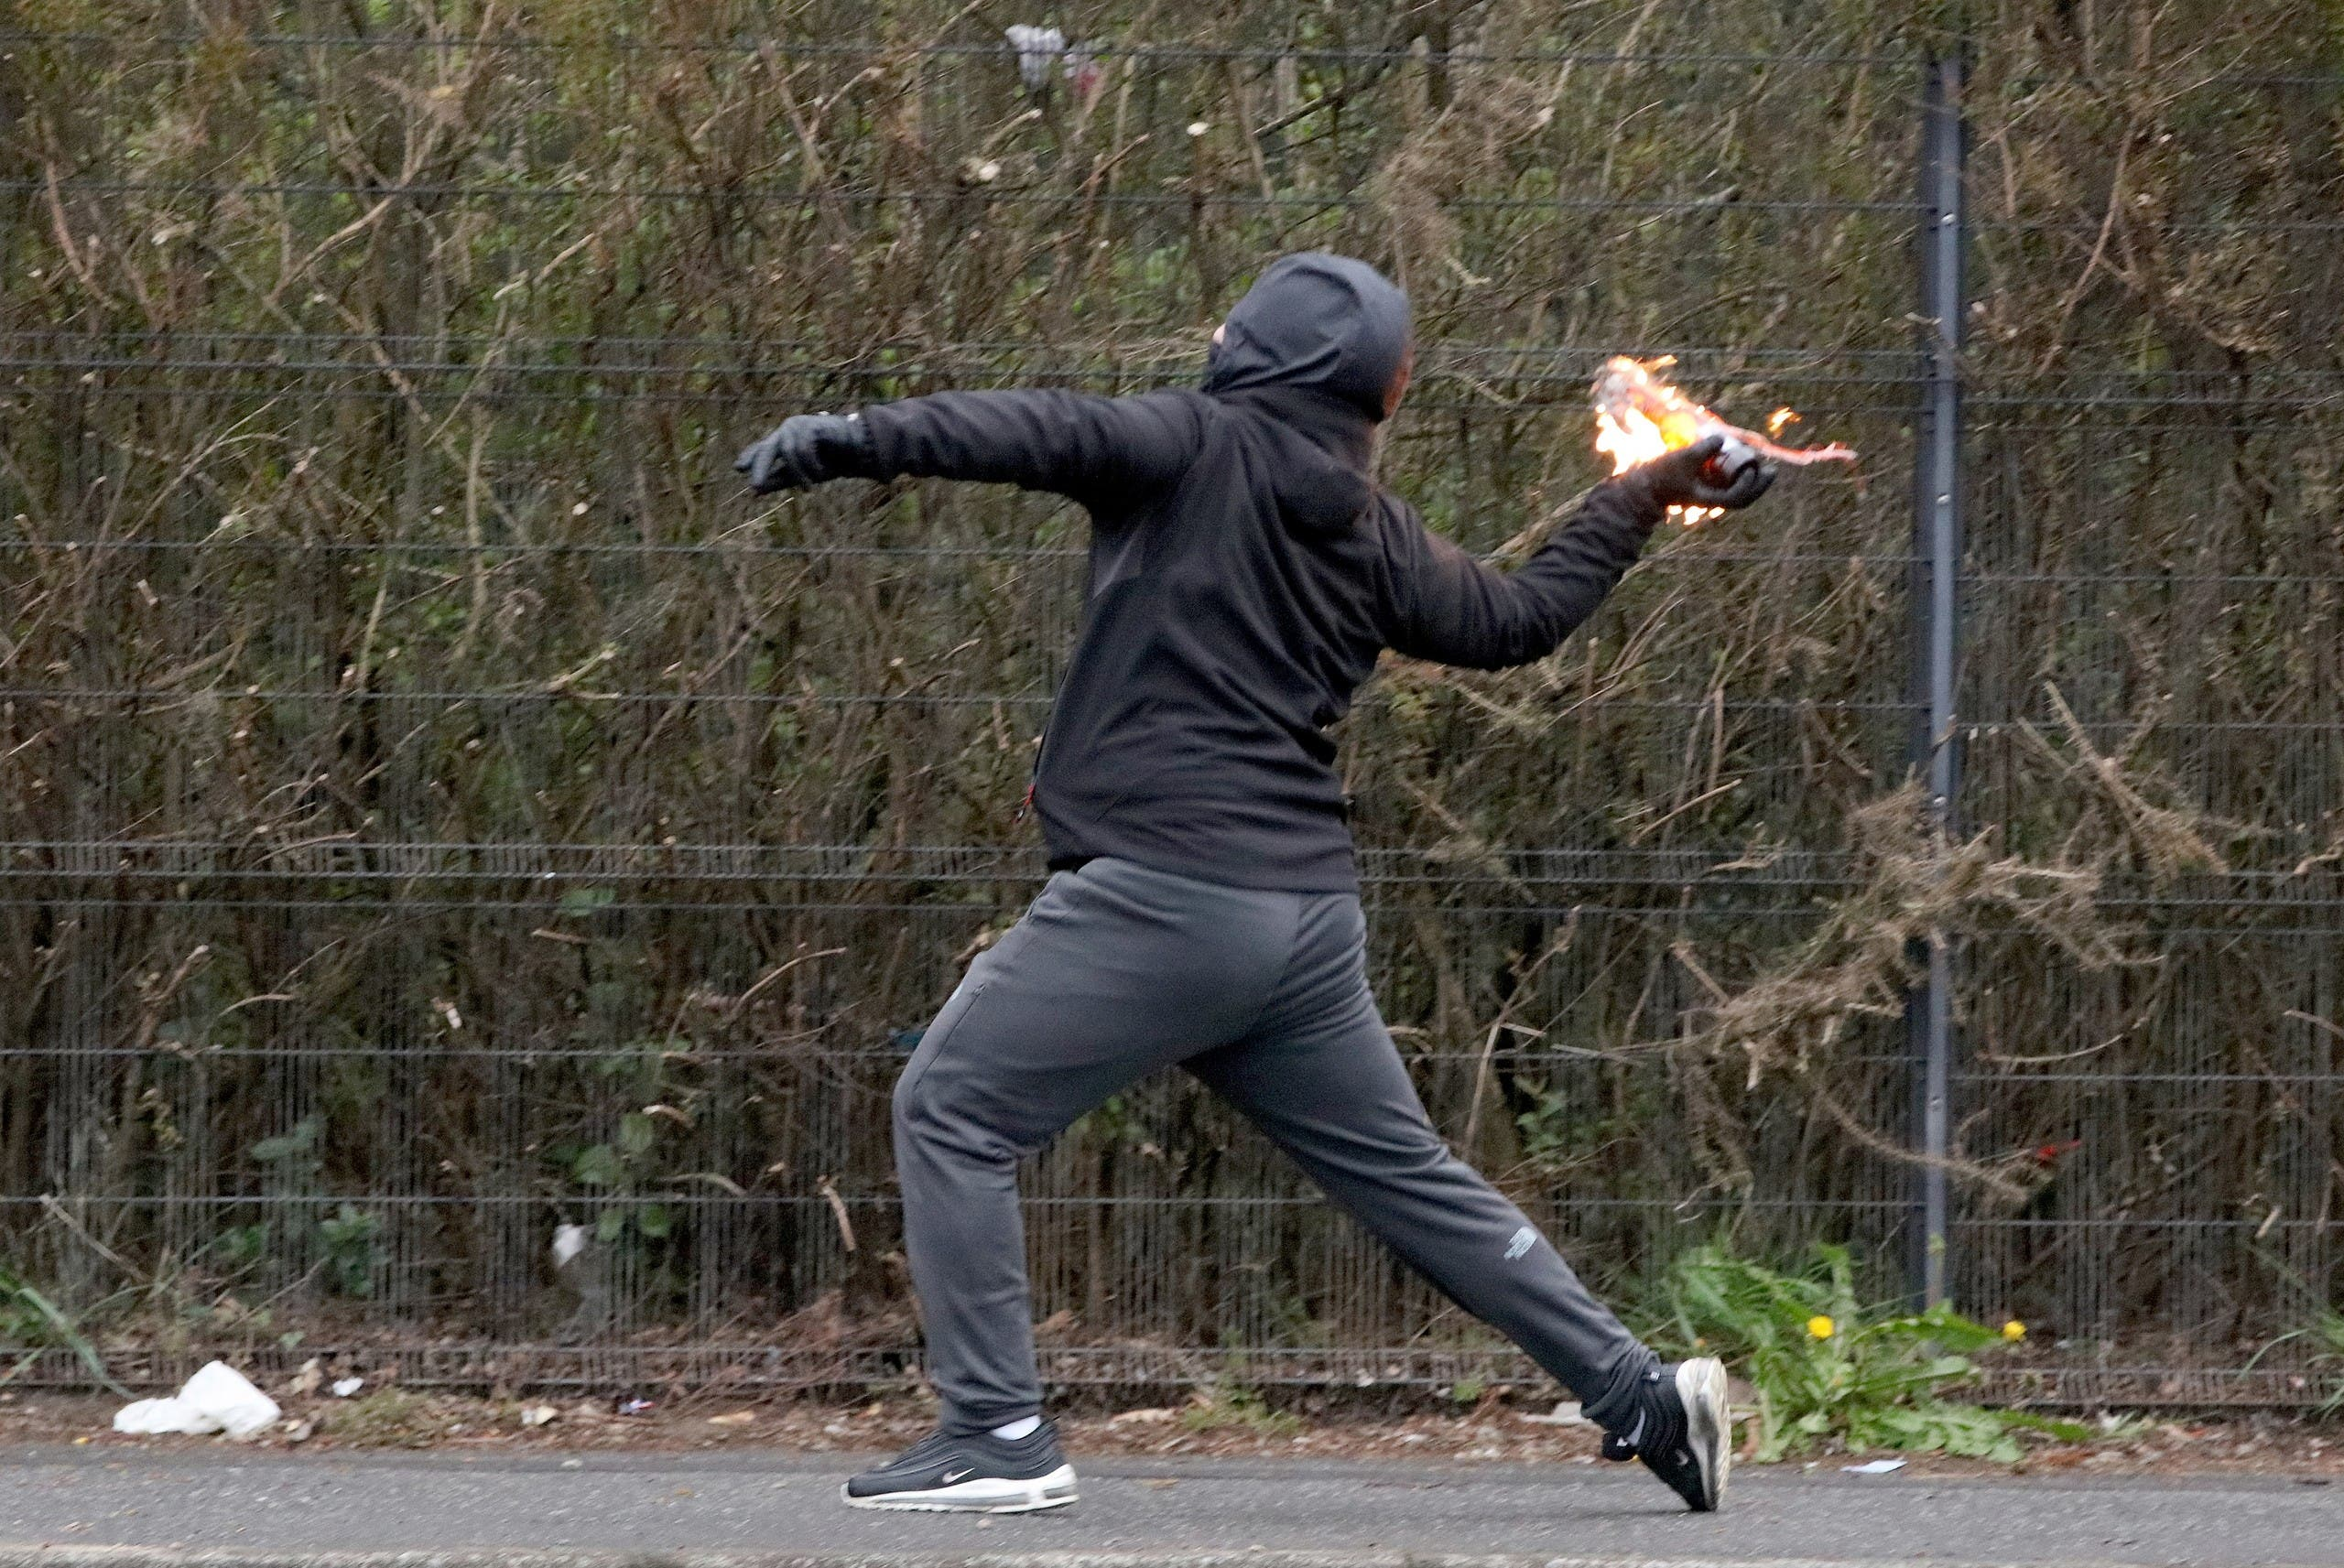 شاب يرمي قتبلة حارقة على الشرطة في بلفاست